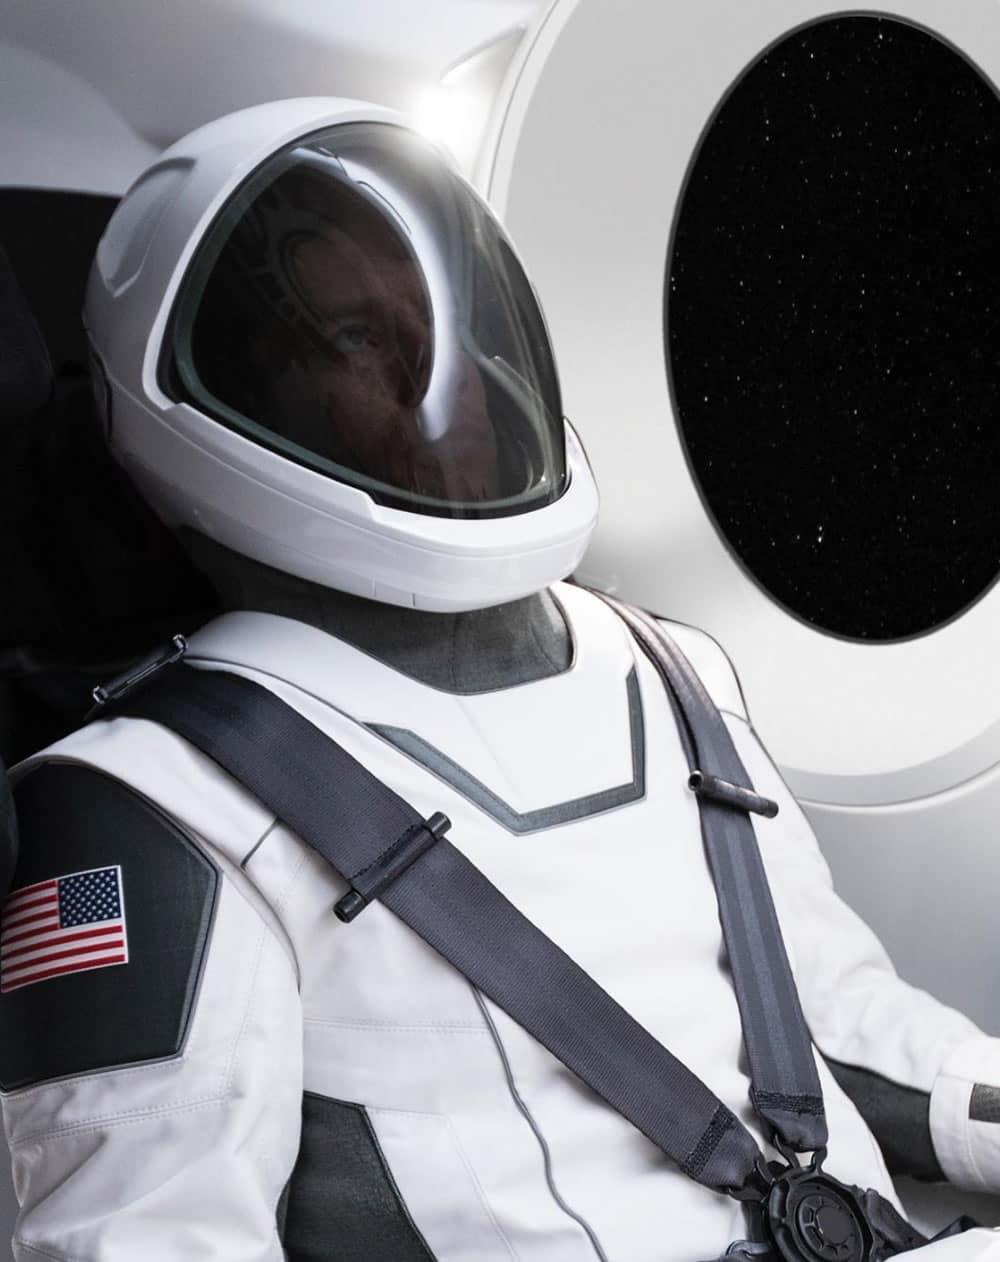 Este es el traje real de SpaceX (parecido a Daft Punk).